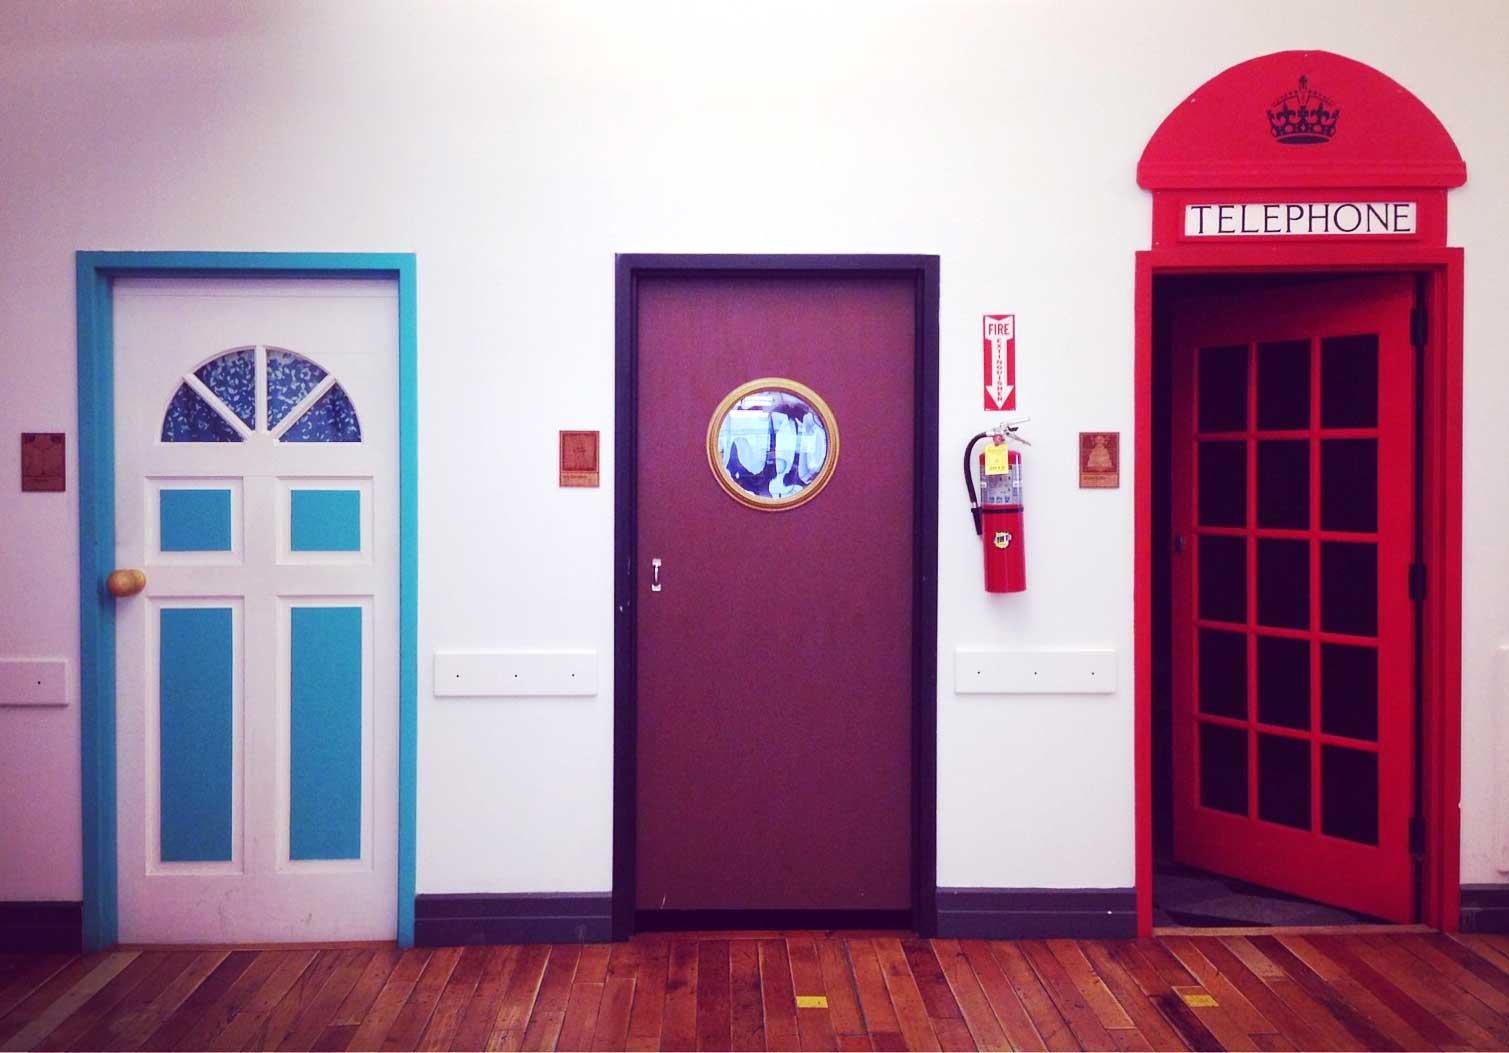 Etsy HQ in New York, Brooklyn